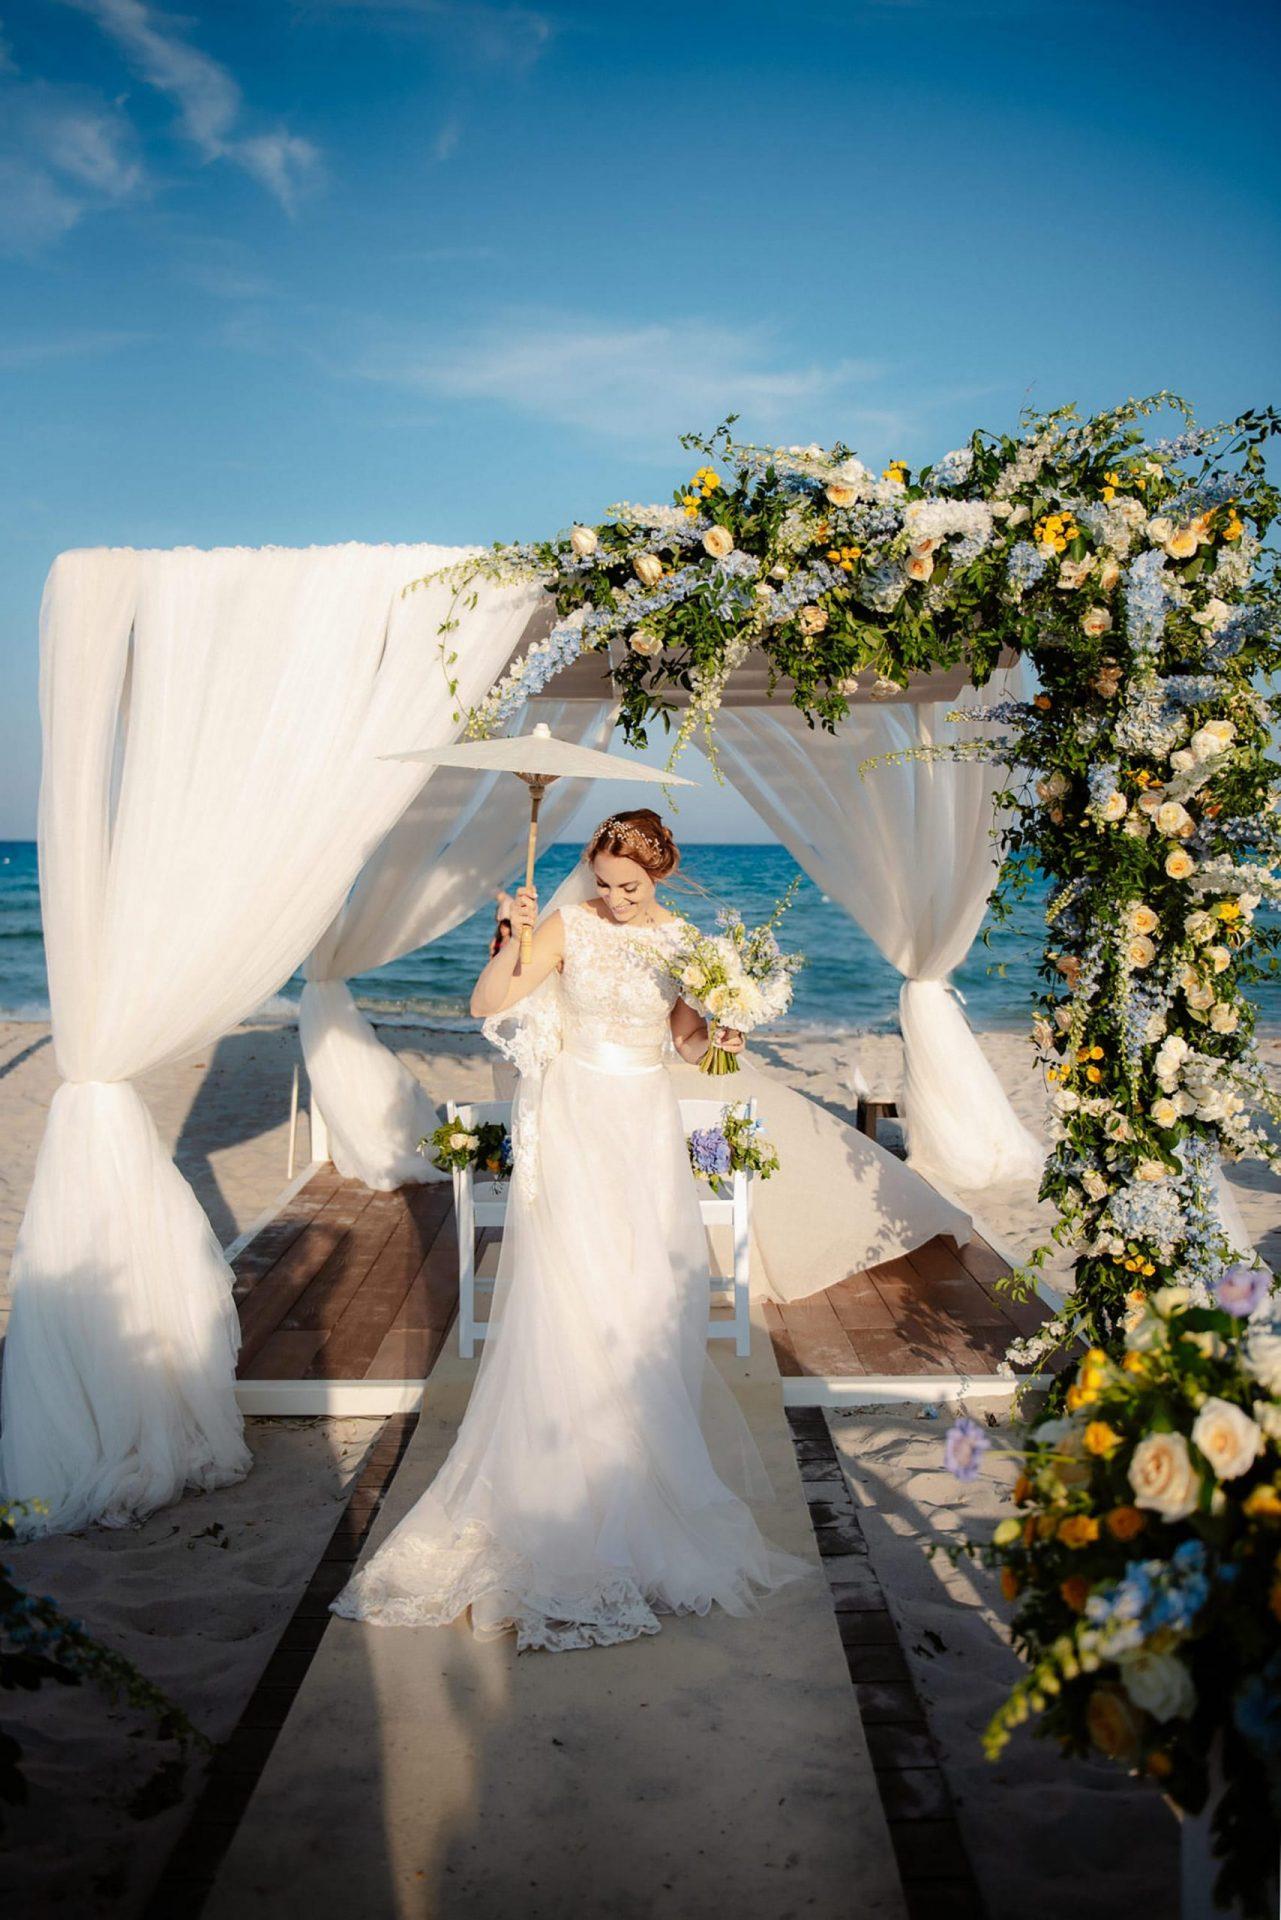 Linda and Enrico, the bride